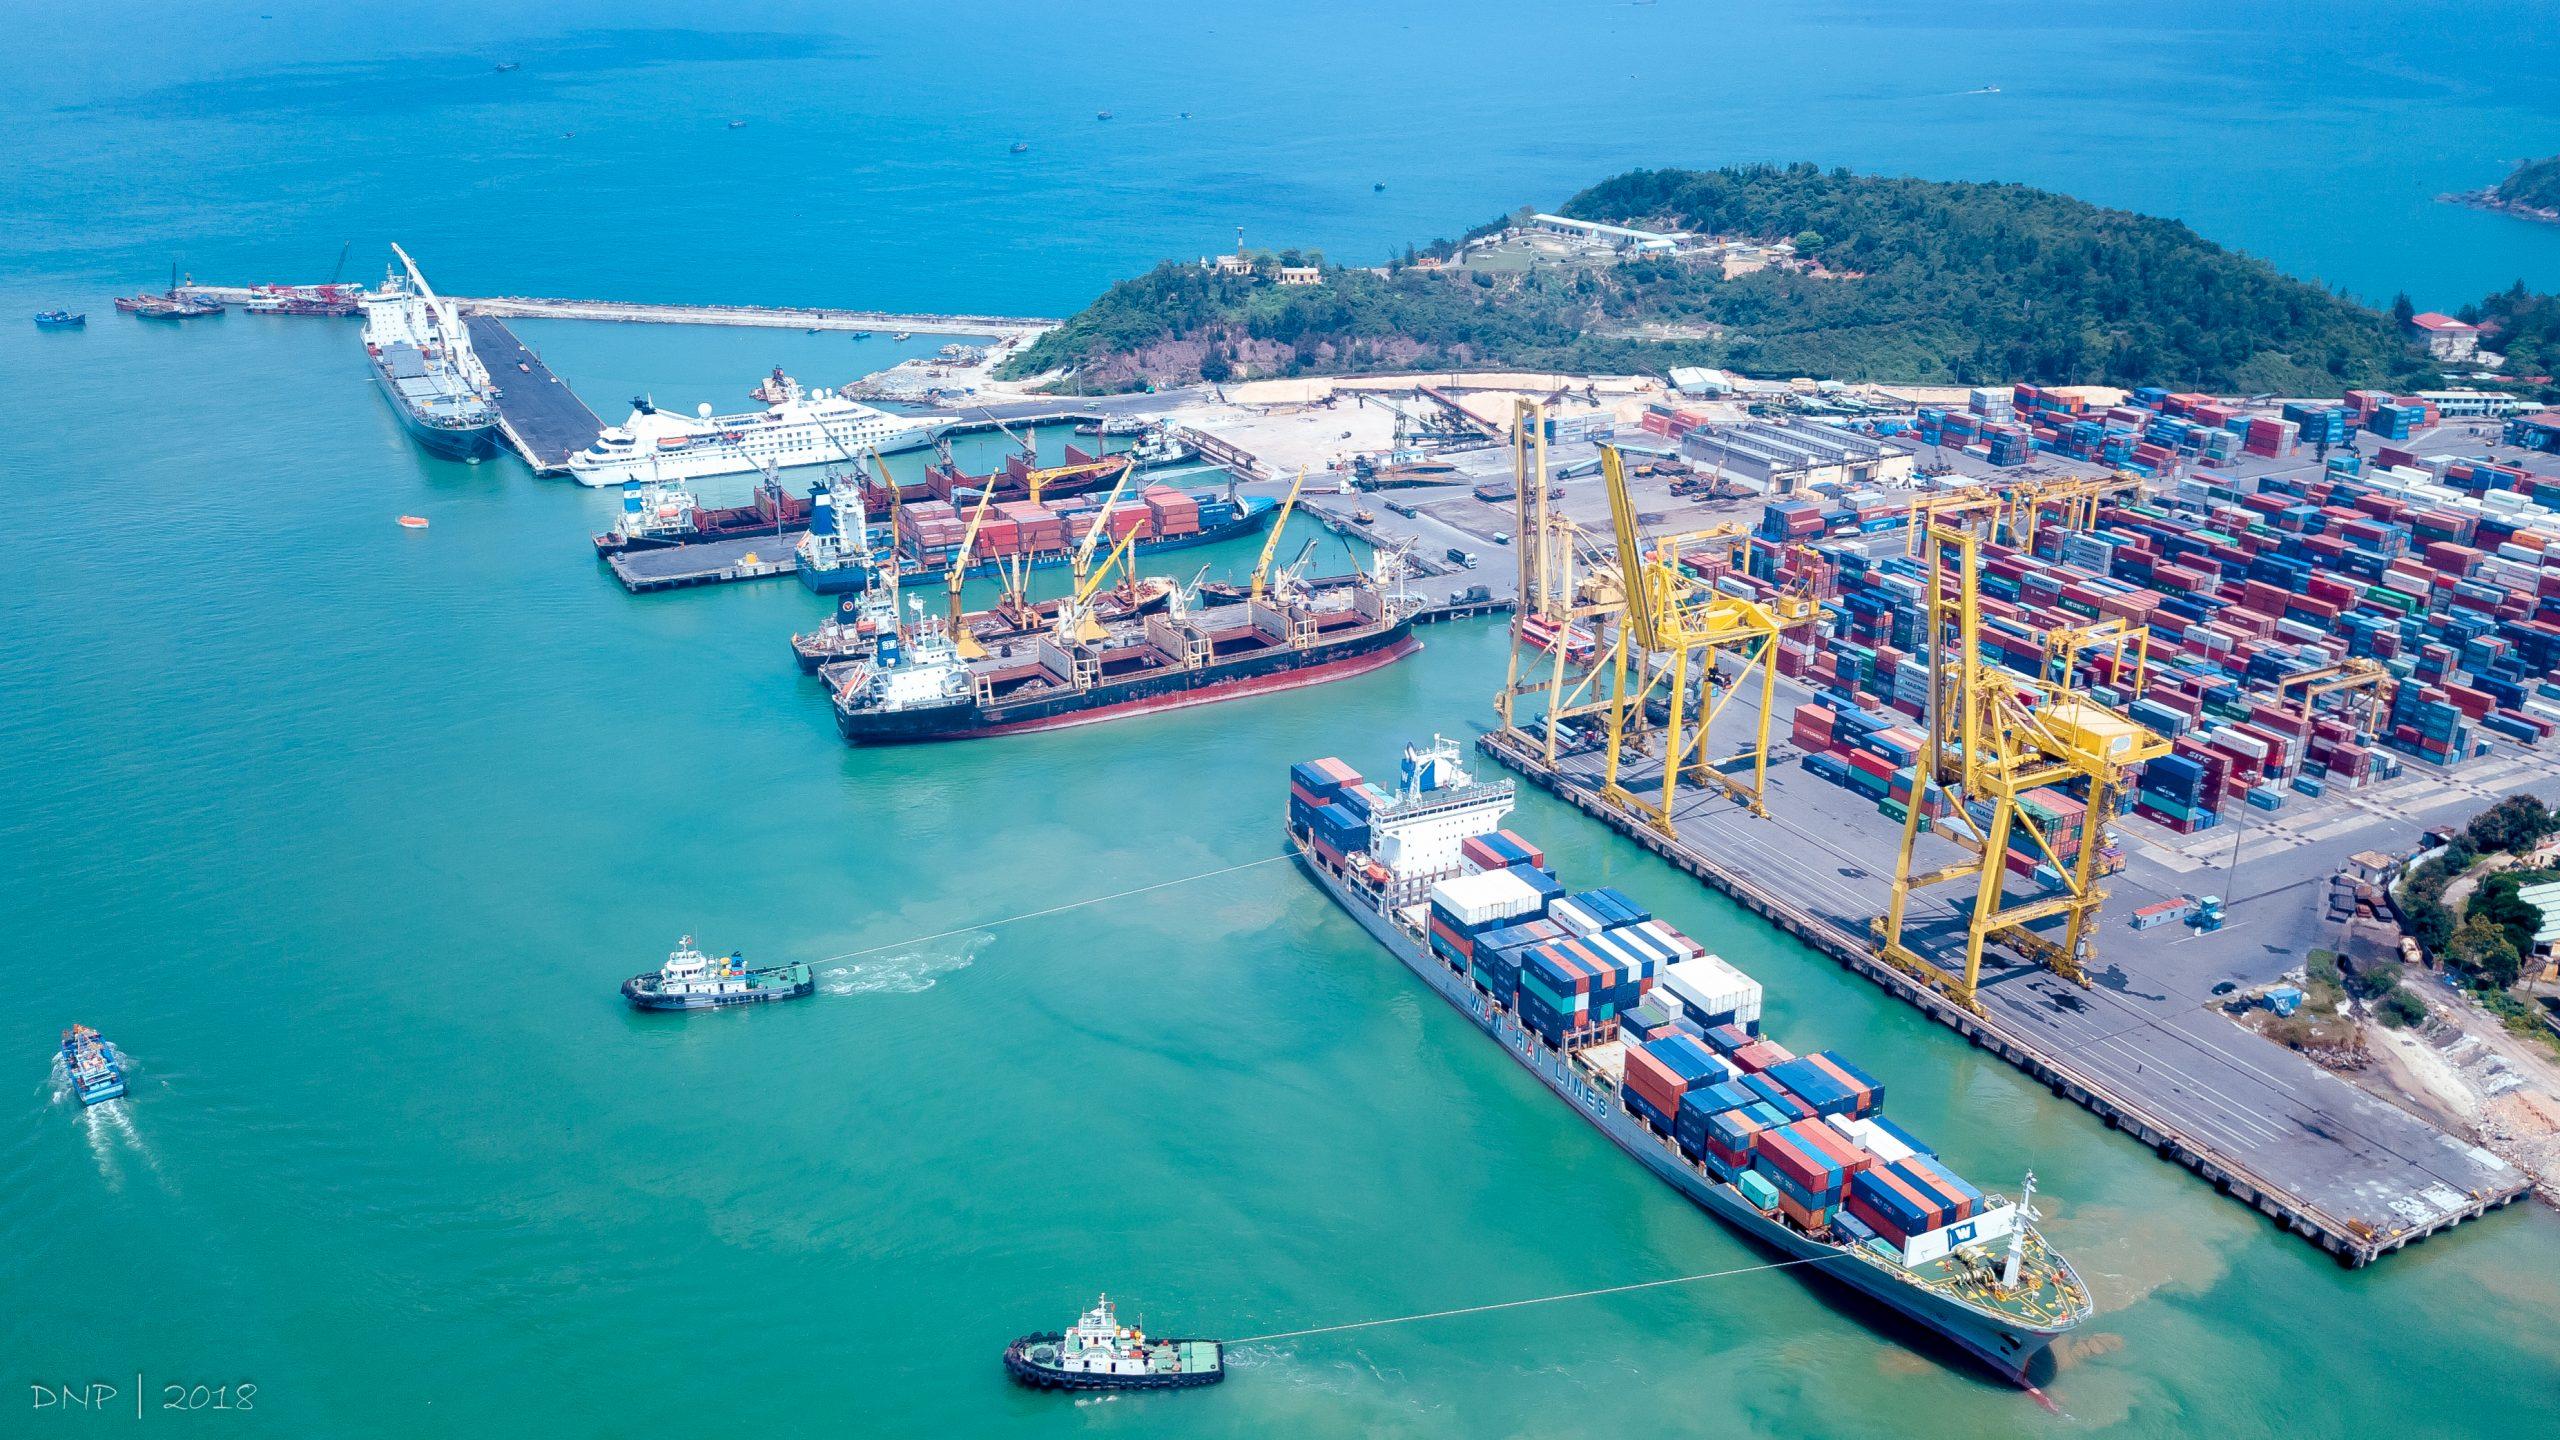 Một số lưu ý đối với hàng hóa cập cảng Ấn Độ trong trường hợp Bất khả kháng của đại dịch Covid 19 - Cổng thông tin điện tử Bộ Công Thương